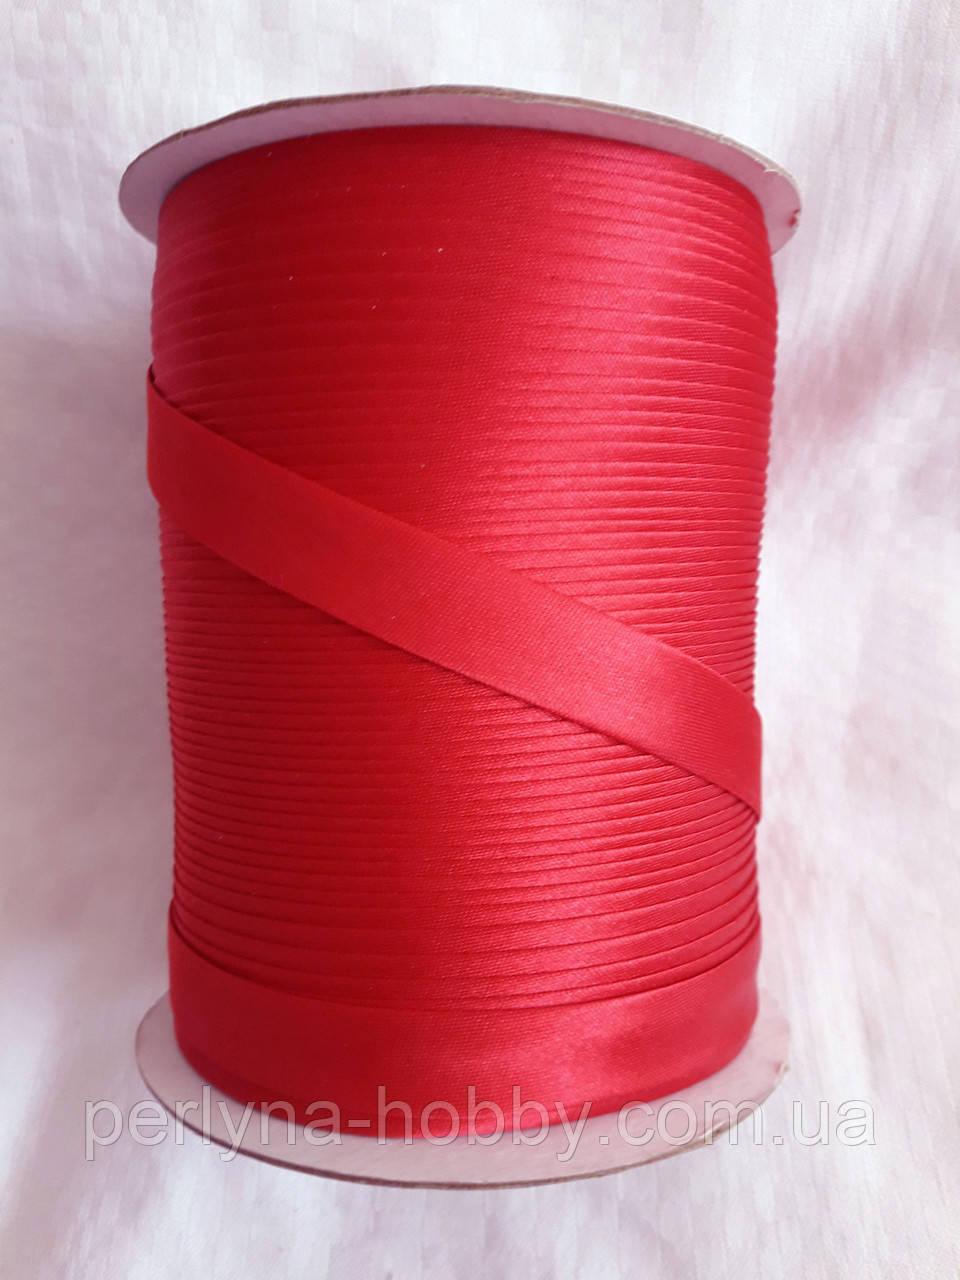 Лямівка атласна 15 мм, косая бейка, червоний темний, винний, № 83